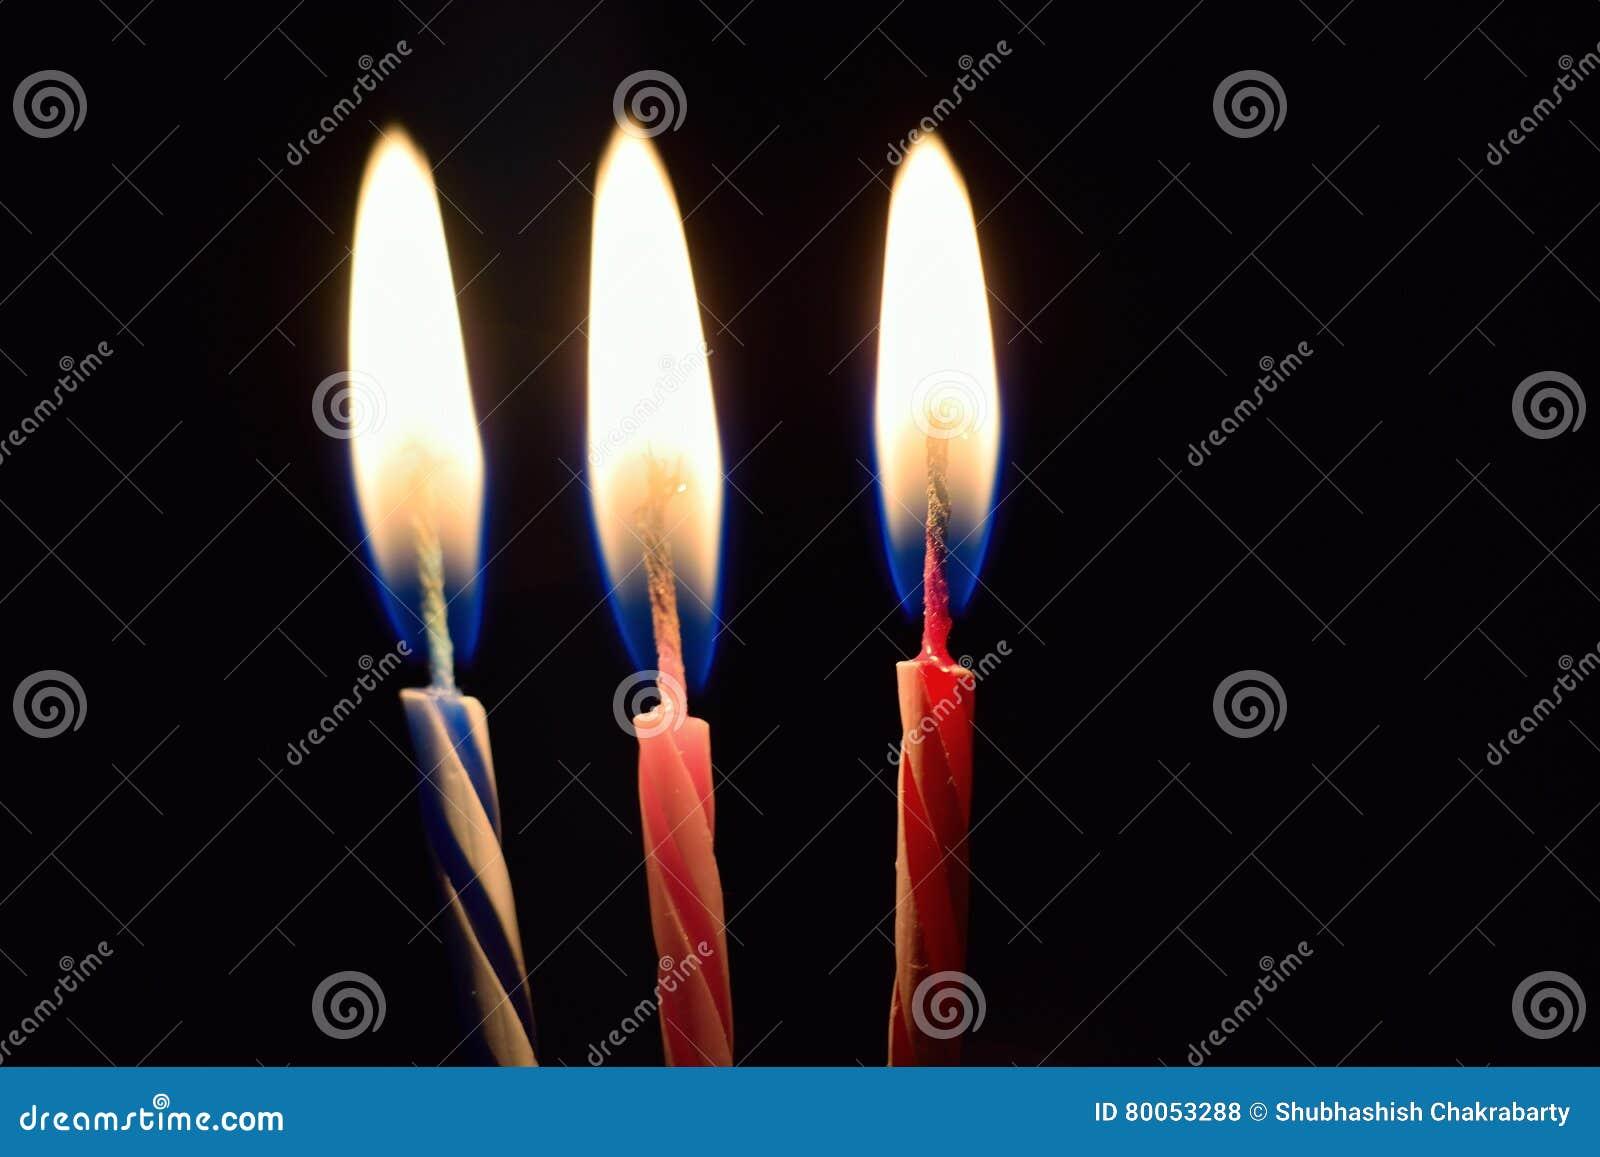 Background Burning Birthday Cake Candles